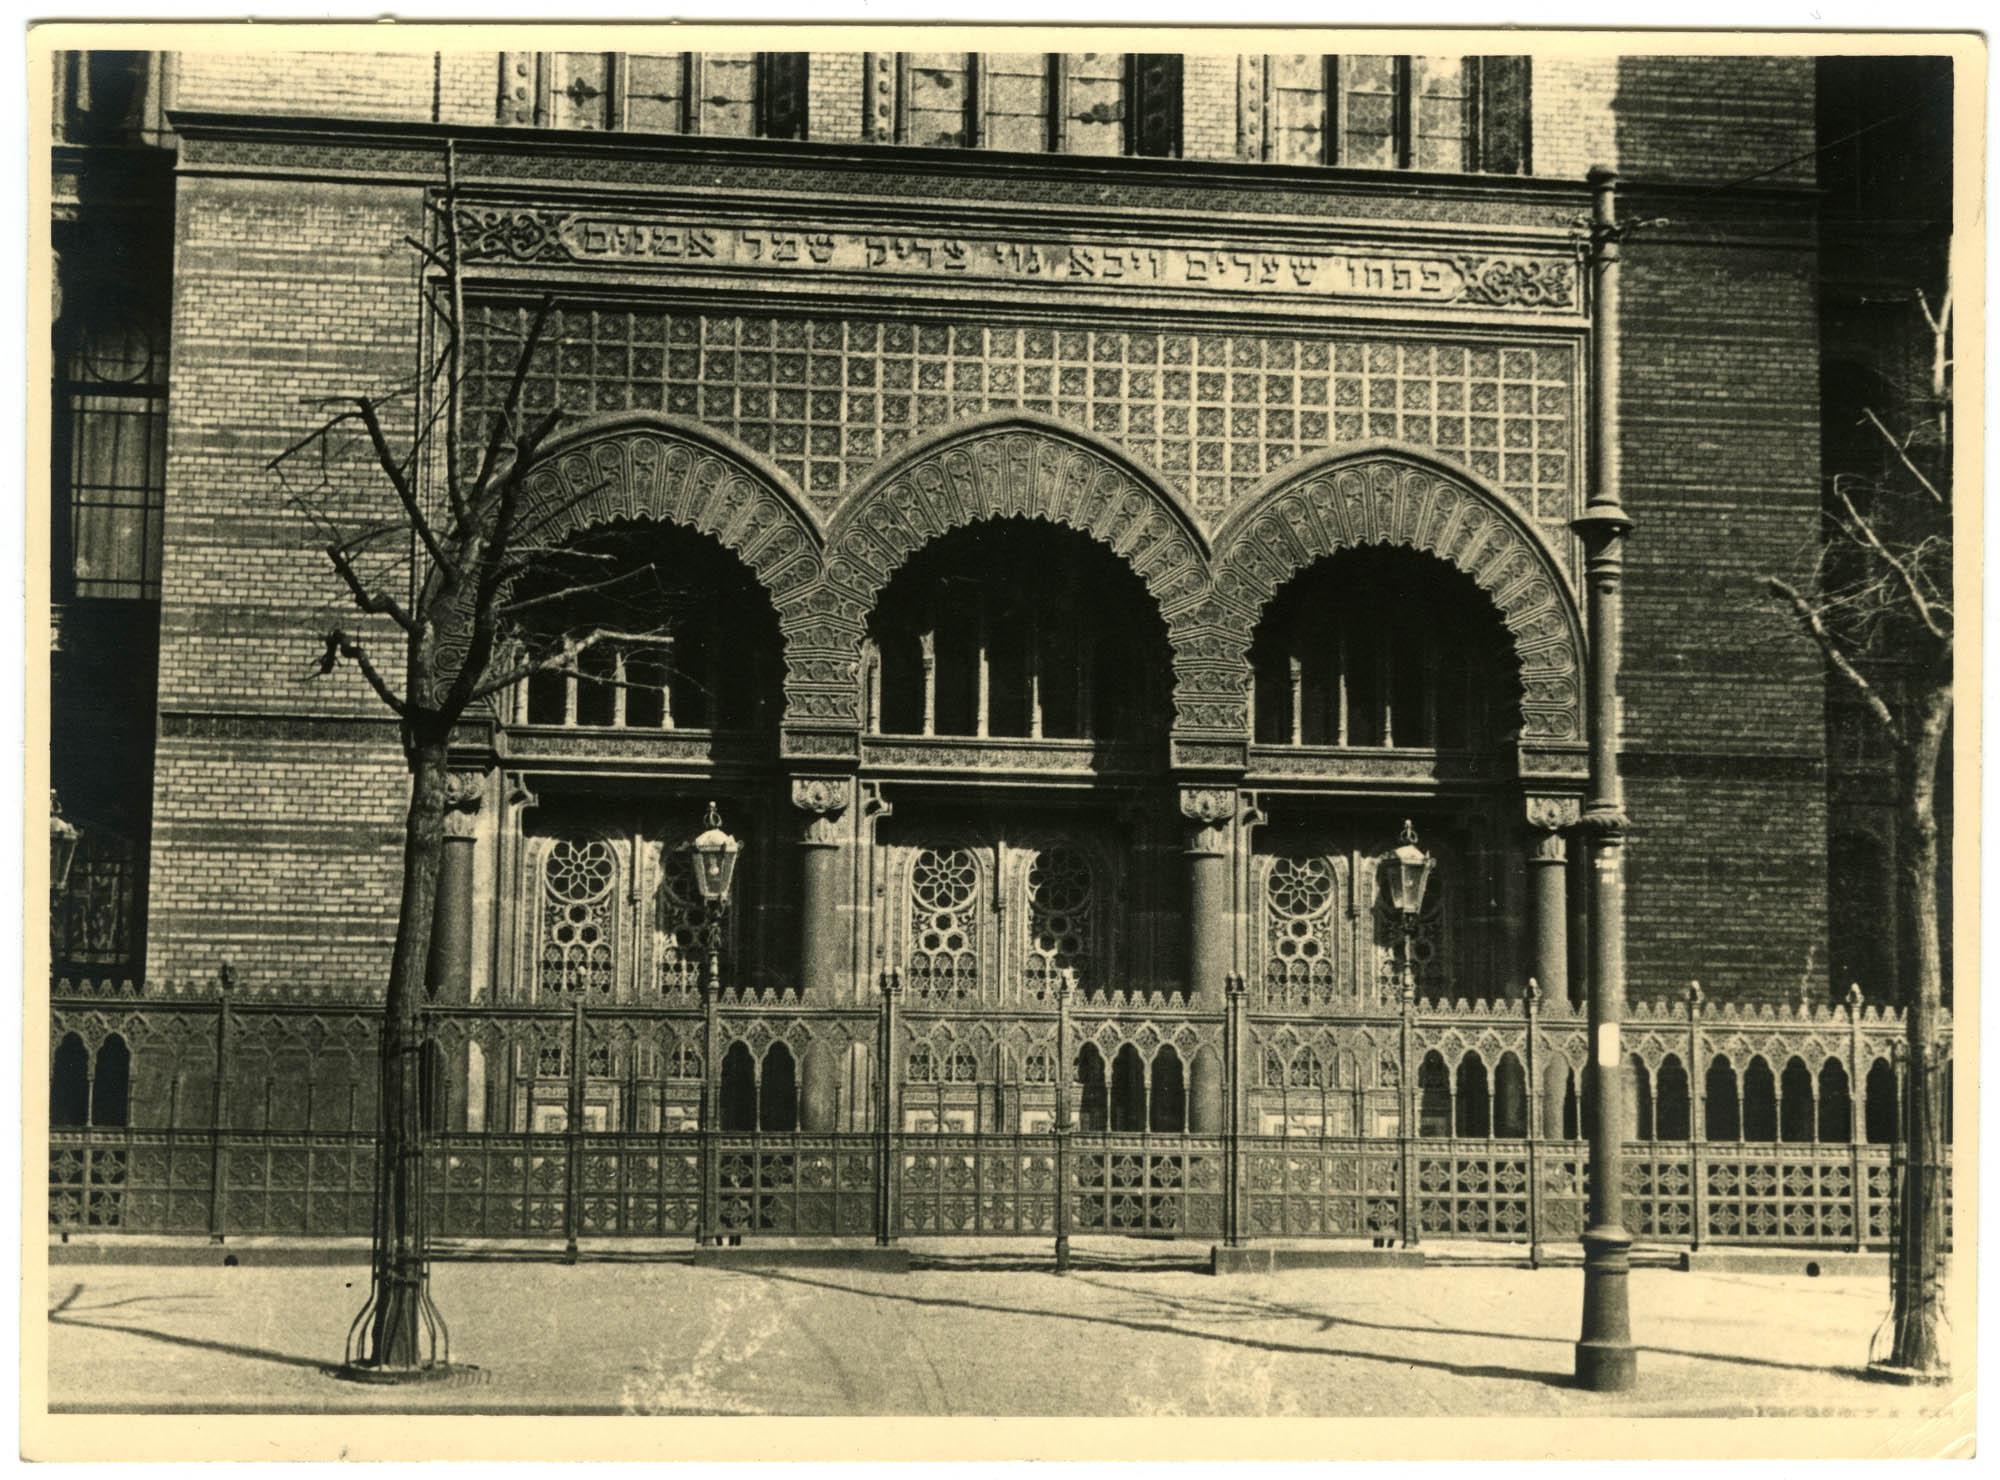 [Neue Synagoge in der Oranienburgerstrasse]